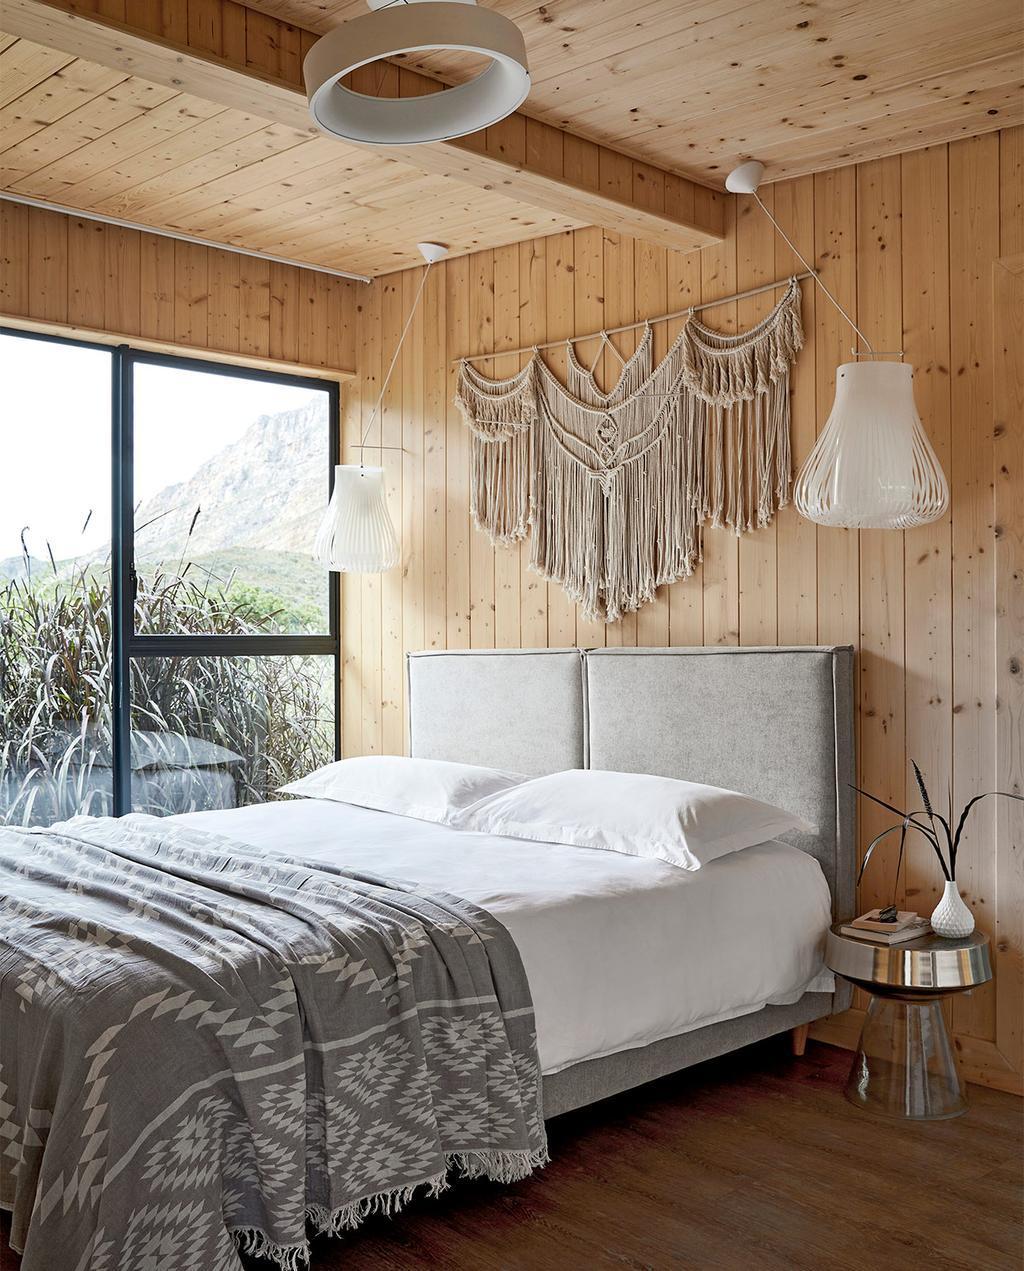 vtwonen special zomerhuizen 07-2021   opgemaakt bed met houten wandplaten, en grijs dekbedovertrek